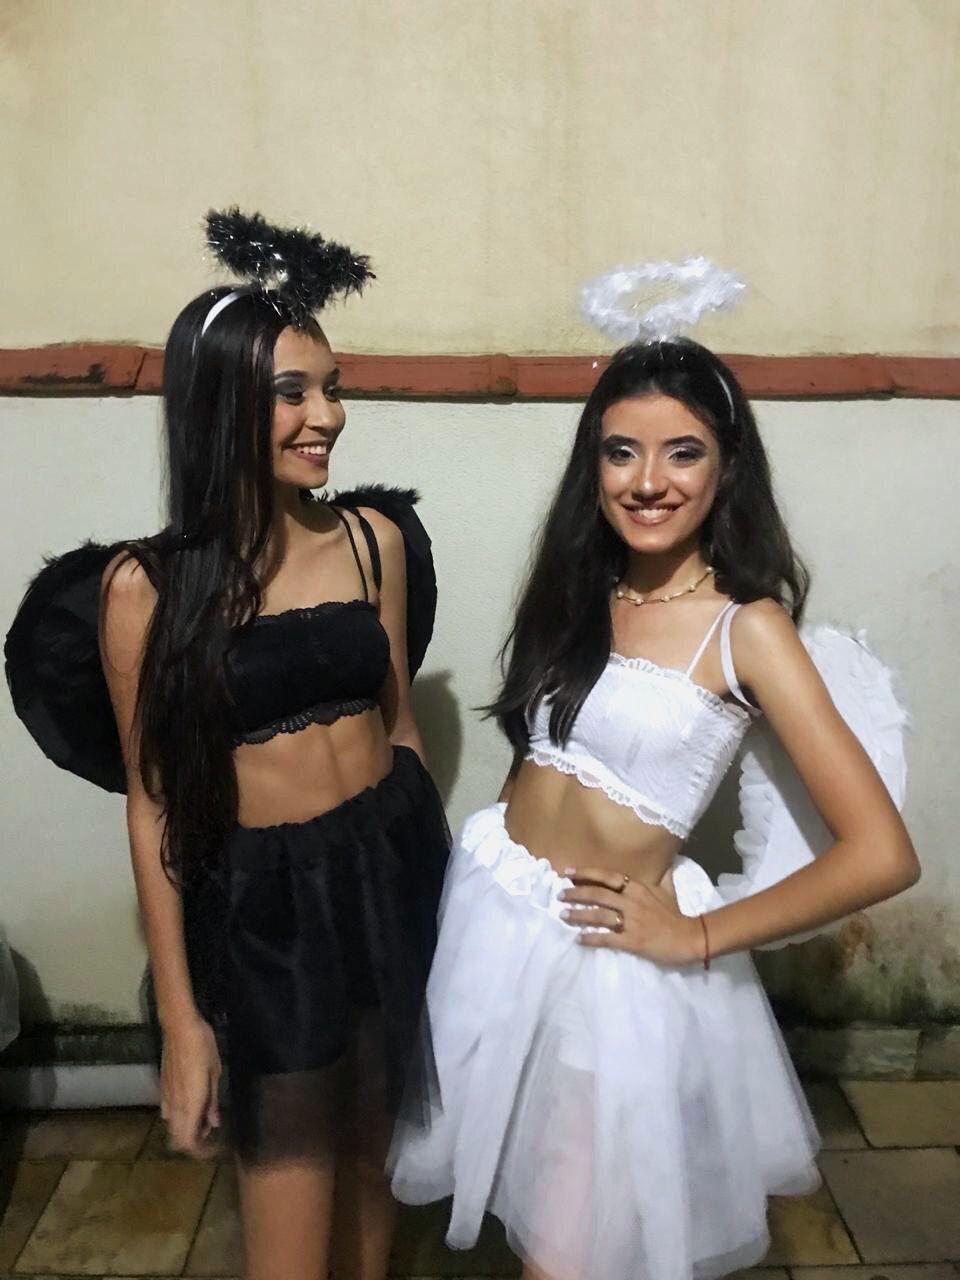 Pin De Sara Em Cose Strane Fantasias Femininas Fantasia Dia Das Bruxas Fantasias Carnaval